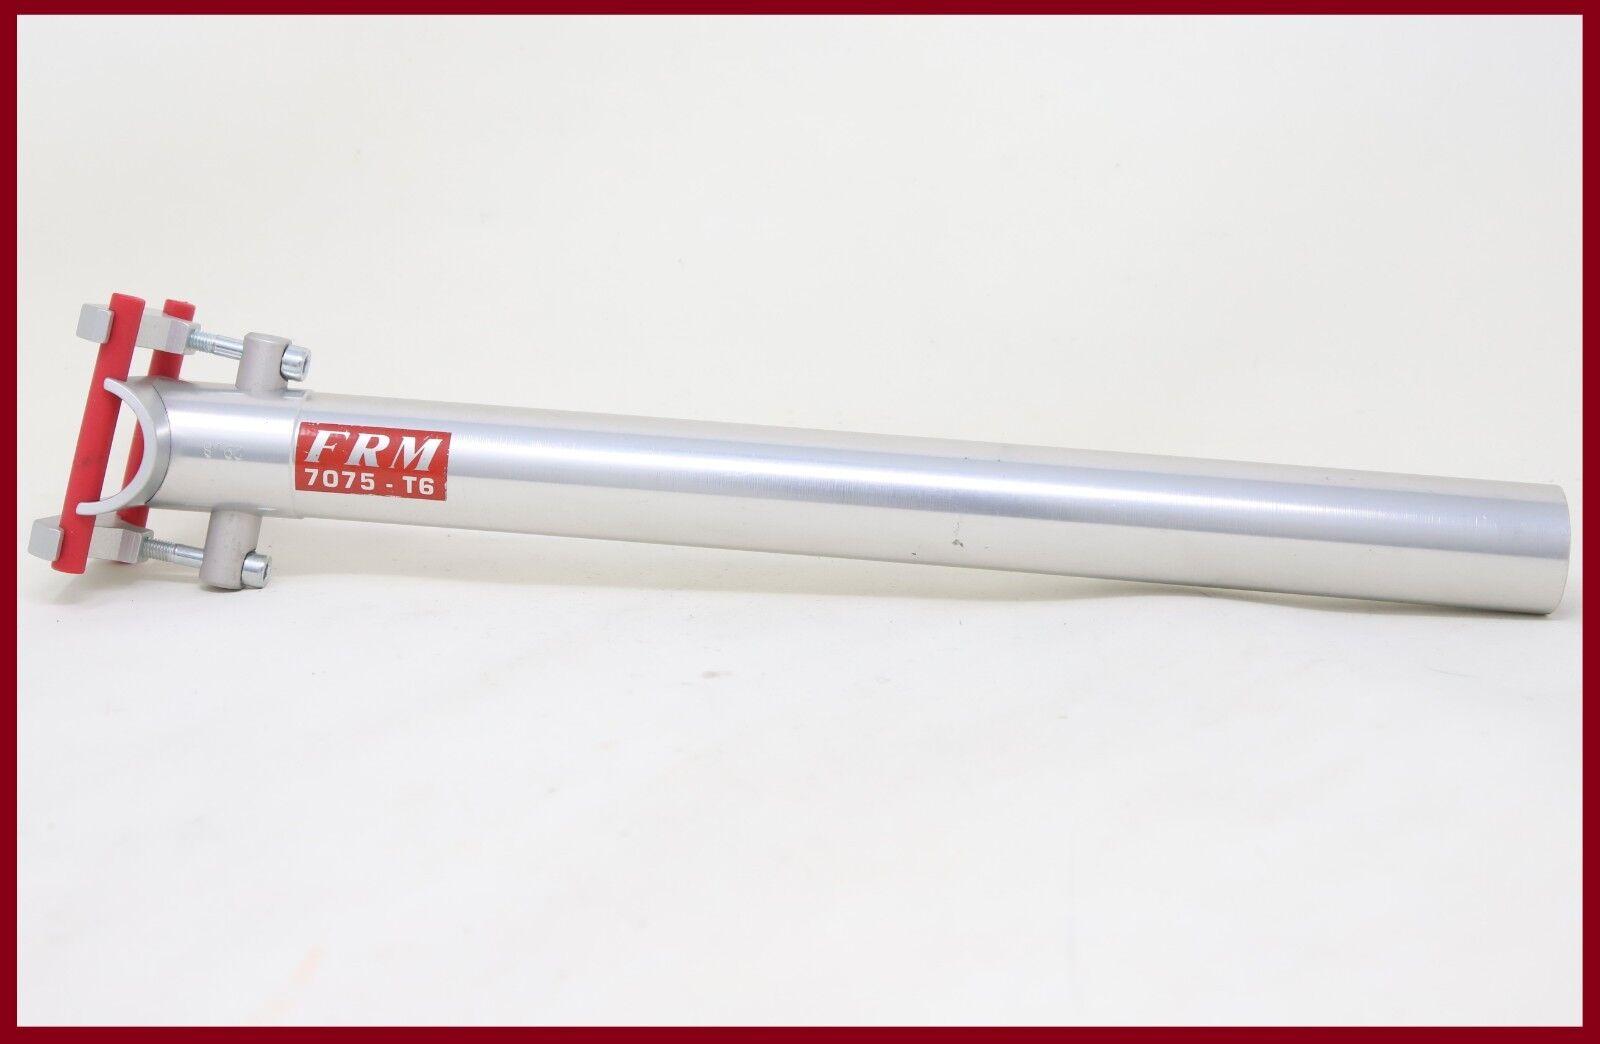 Nuevo viejo stock FRM tija de sillín aleación 29,8mm 7075-T6 Aluminio Hecho en Italia 00s Vintage Plata